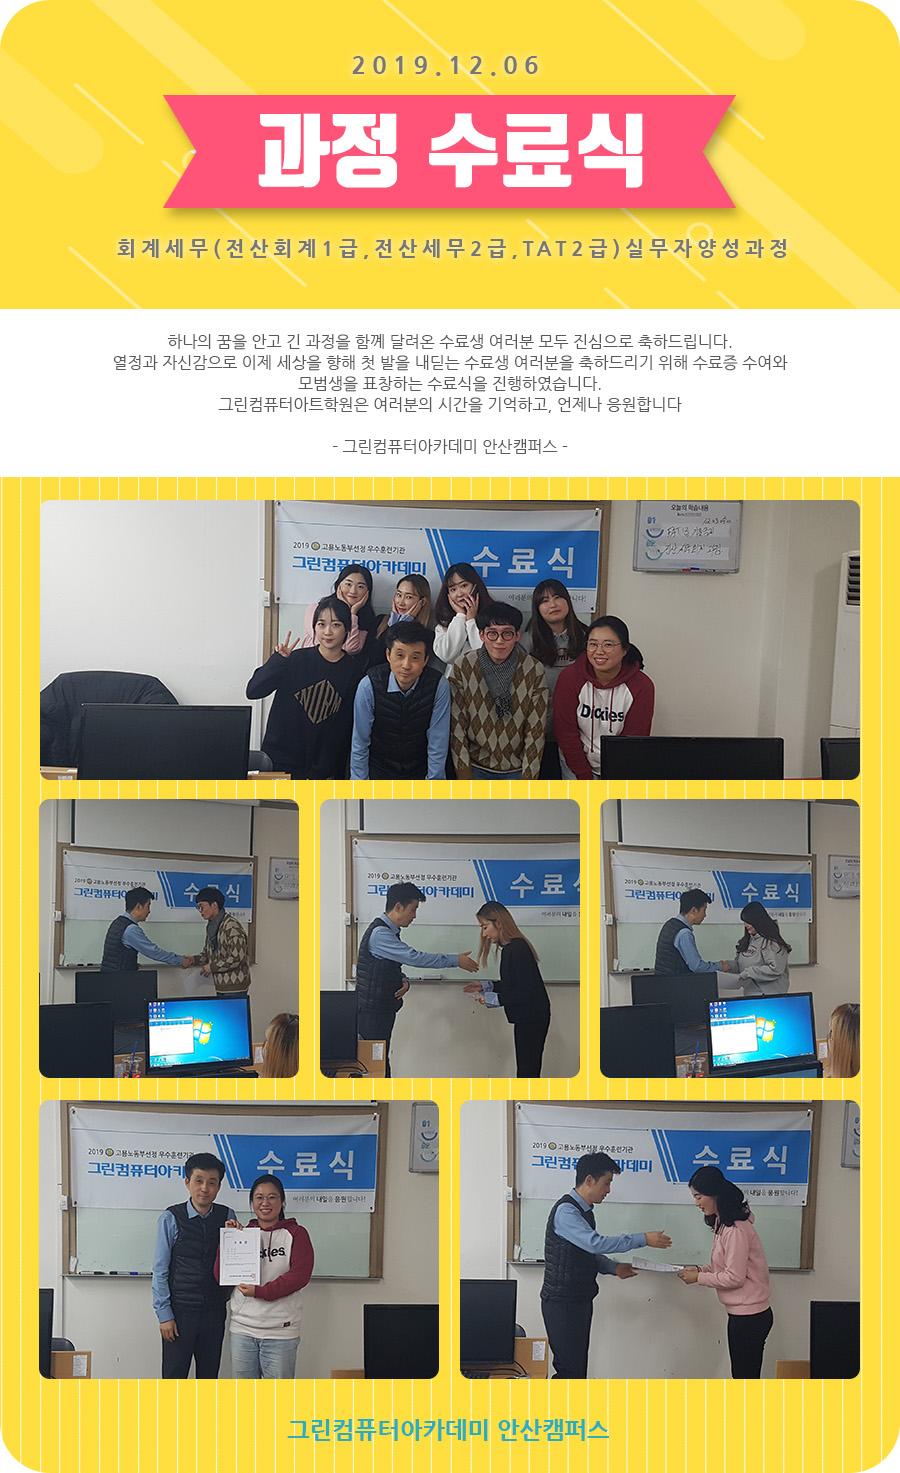 [안산캠퍼스] 2019년 12월 수료식 회계세무(전산회계1급,전산세무2급,TAT2급)실무자양성과정 14회차